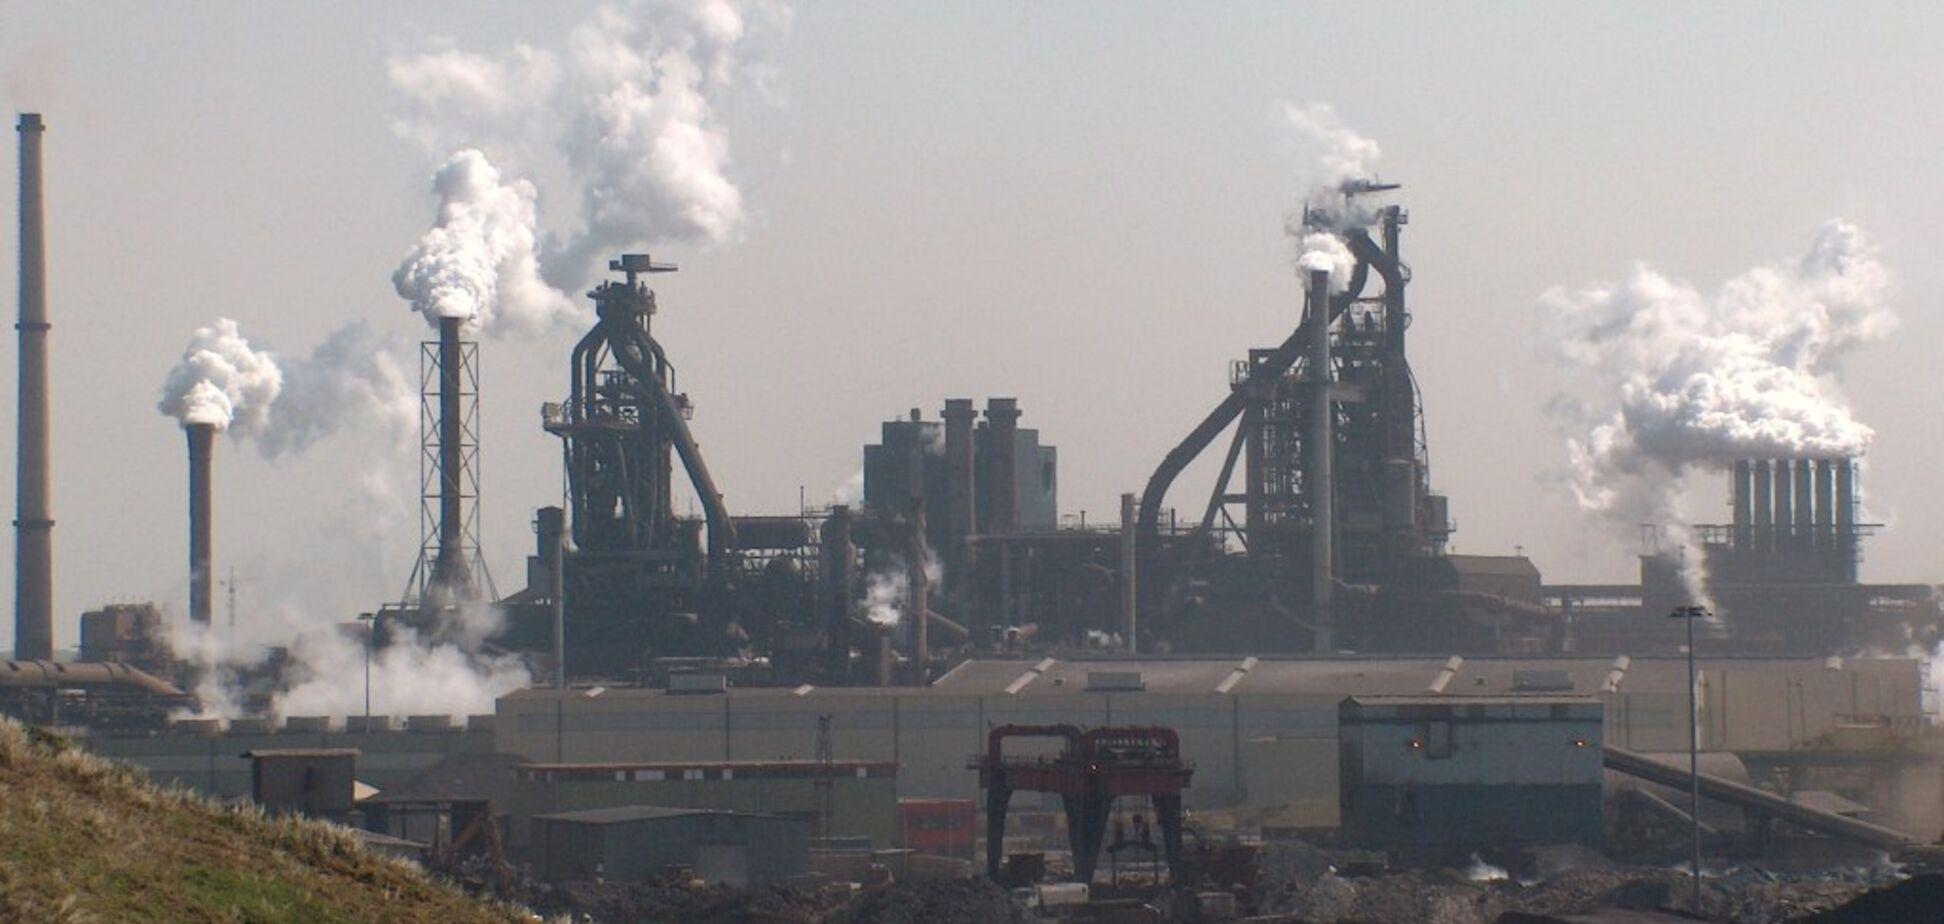 Экологические законопроекты нужно готовить вместе с бизнесом с учетом состояния отечественной промышленности